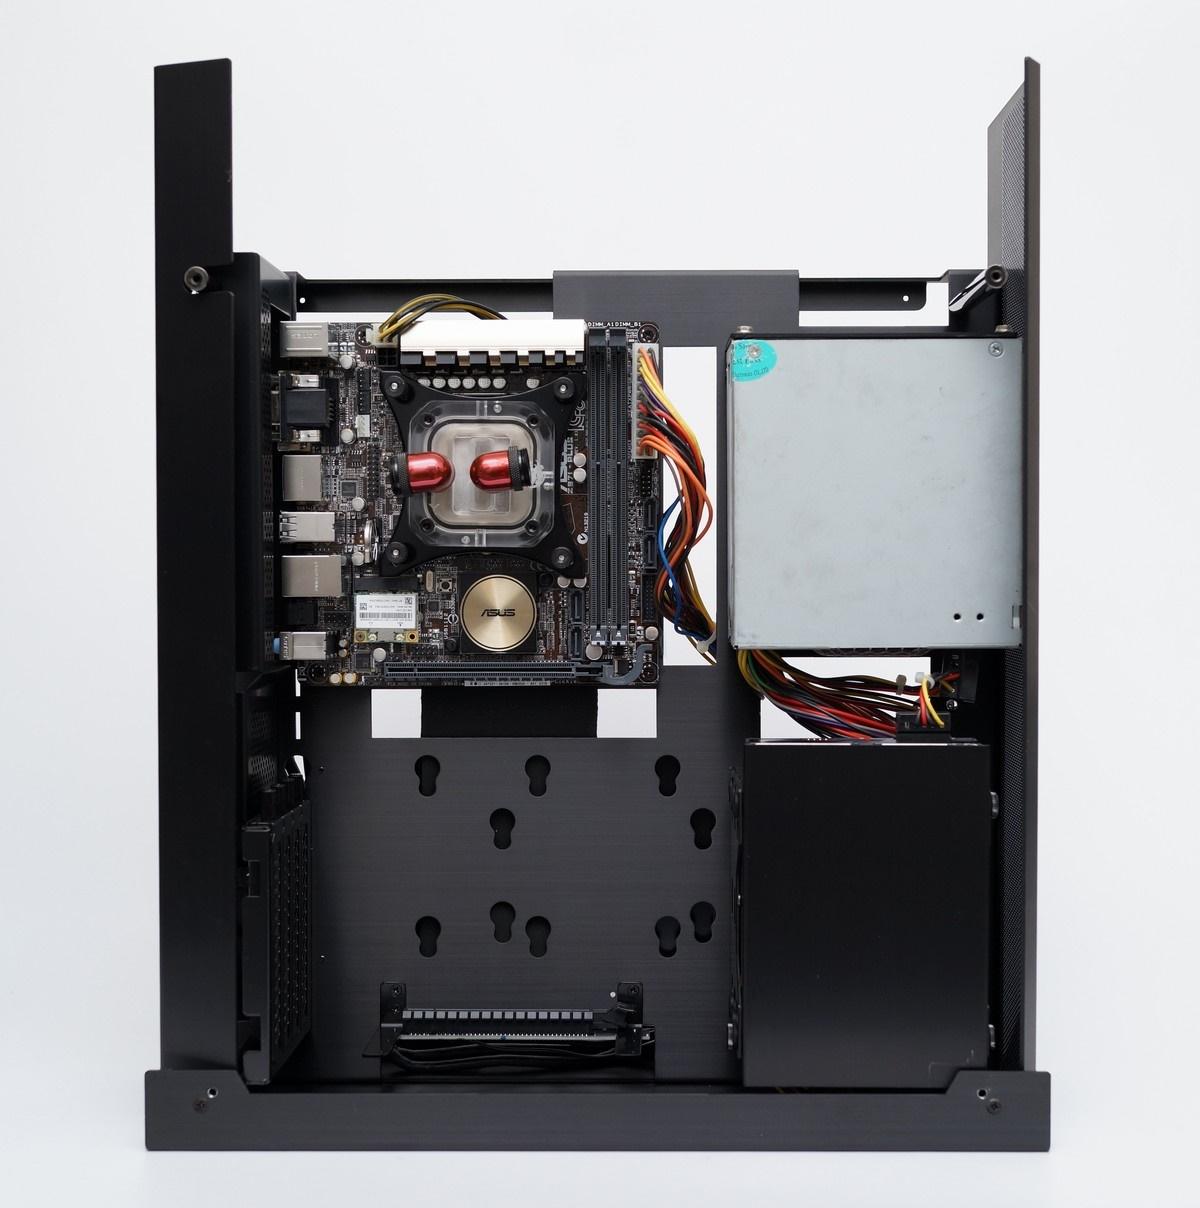 [XF] 內裝ITX大容量 精巧設計工藝不凡 LIAN LI PC-O5S機殼評測